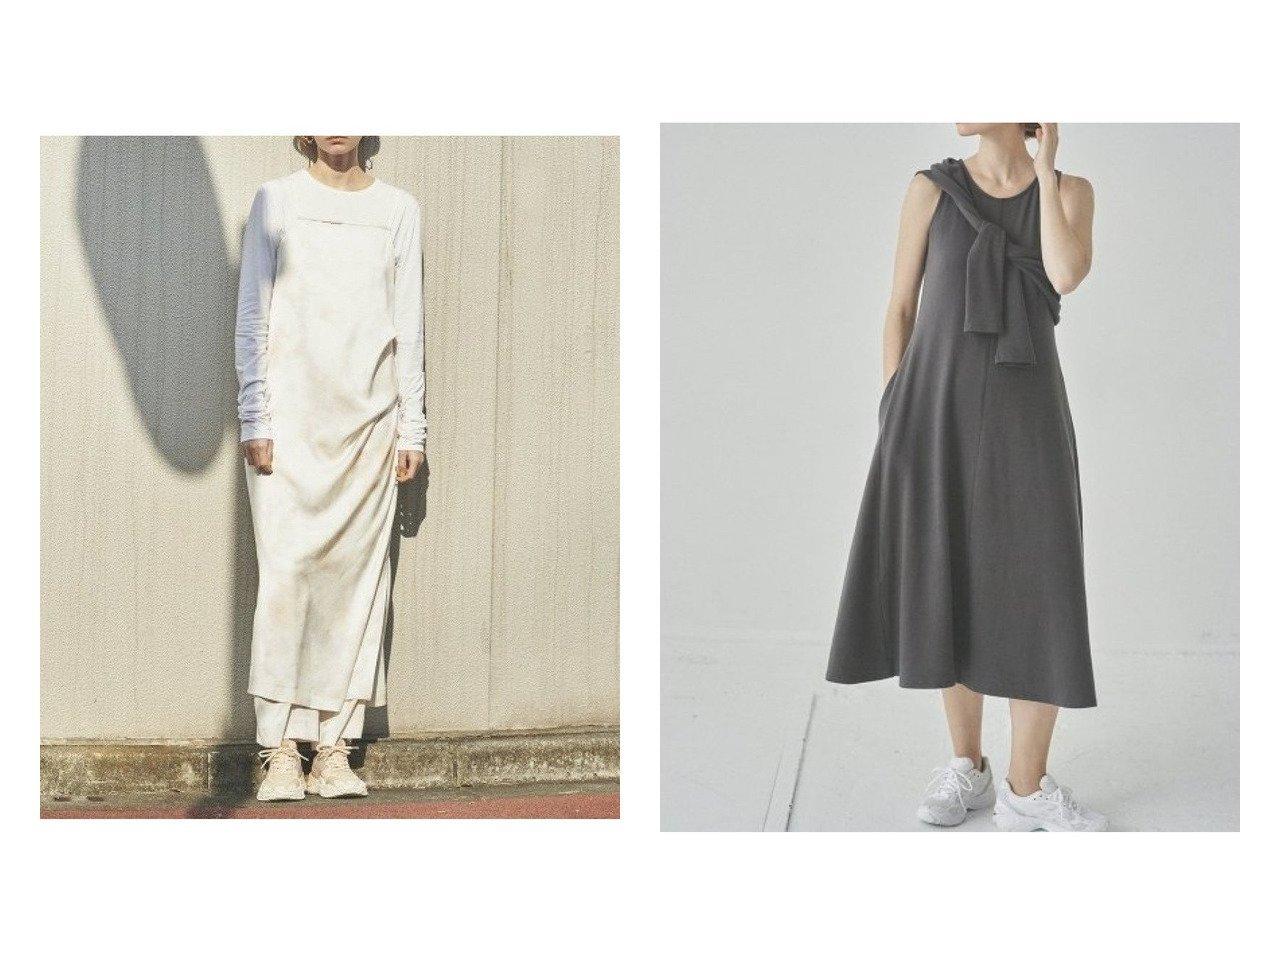 【emmi/エミ】の【emmi atelier】ドレープキャミワンピース&【emmi atelier】2ピースセットワンピース ワンピース・ドレスのおすすめ!人気、トレンド・レディースファッションの通販  おすすめで人気の流行・トレンド、ファッションの通販商品 メンズファッション・キッズファッション・インテリア・家具・レディースファッション・服の通販 founy(ファニー) https://founy.com/ ファッション Fashion レディースファッション WOMEN ワンピース Dress キャミワンピース No Sleeve Dresses マキシワンピース Maxi Dress NEW・新作・新着・新入荷 New Arrivals ウォッシャブル キャミワンピース シンプル スリット ドレープ フェミニン マキシ ロング 再入荷 Restock/Back in Stock/Re Arrival |ID:crp329100000010095